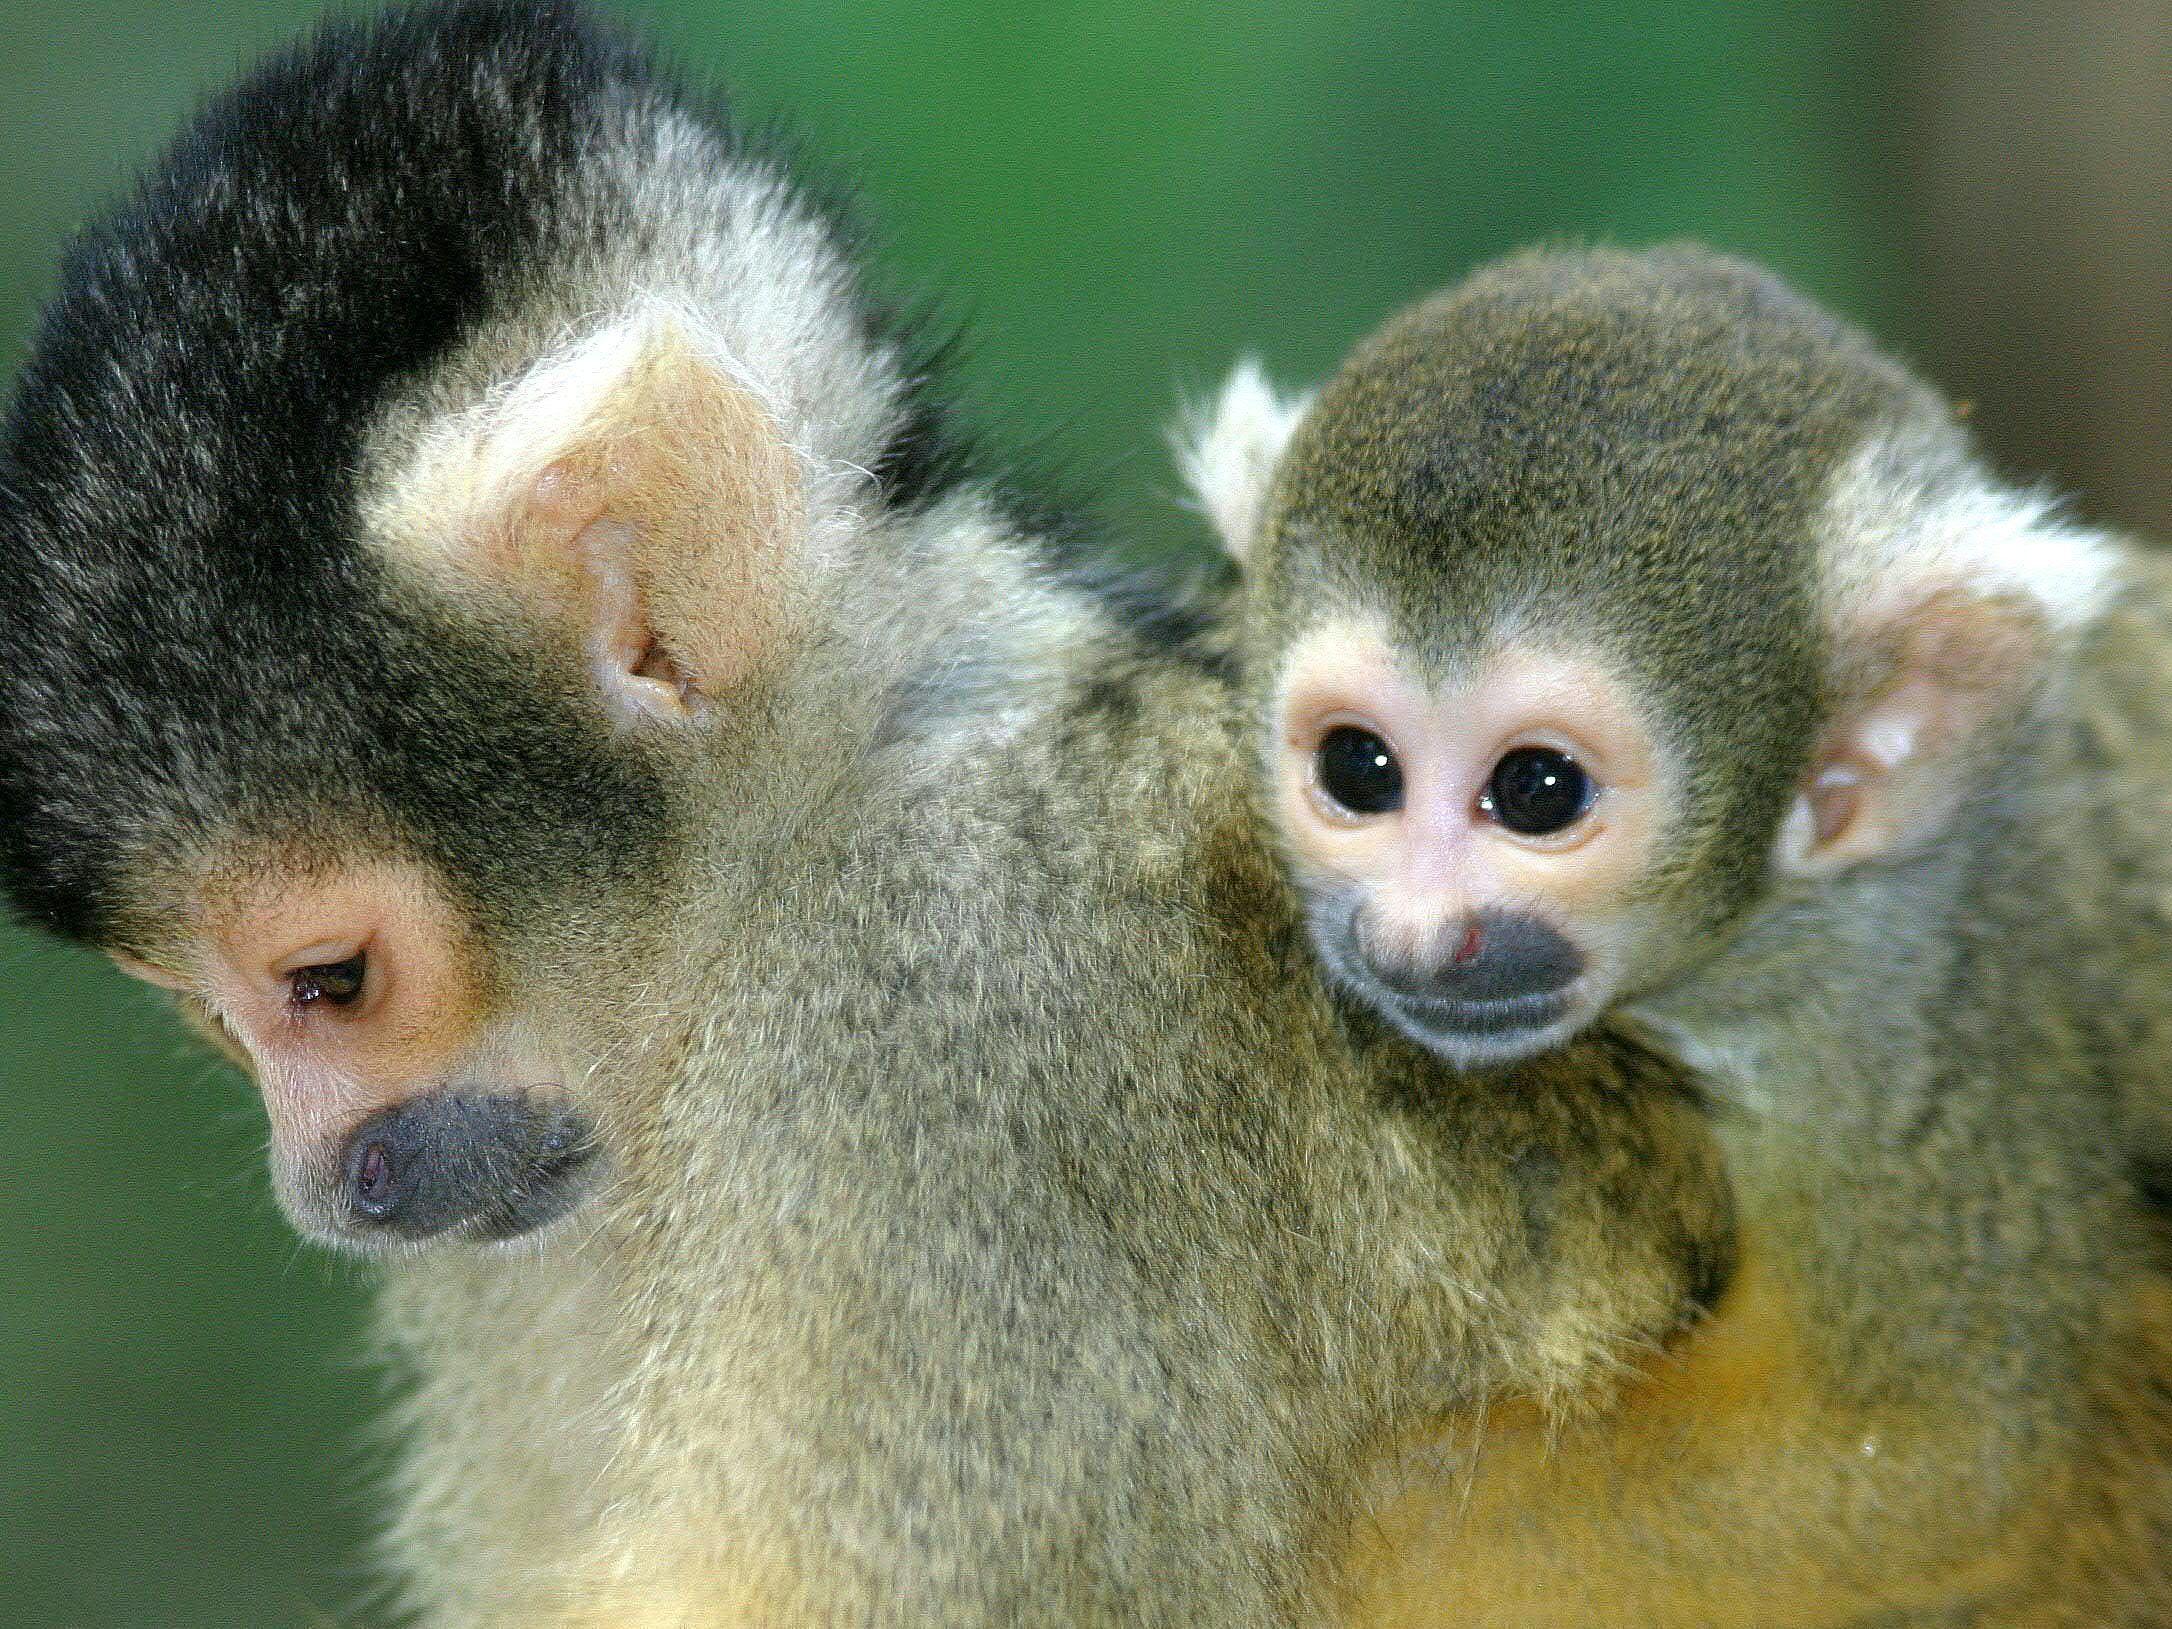 Dieselabgase: Deutsche Autohersteller unterstützen Versuche mit Affen